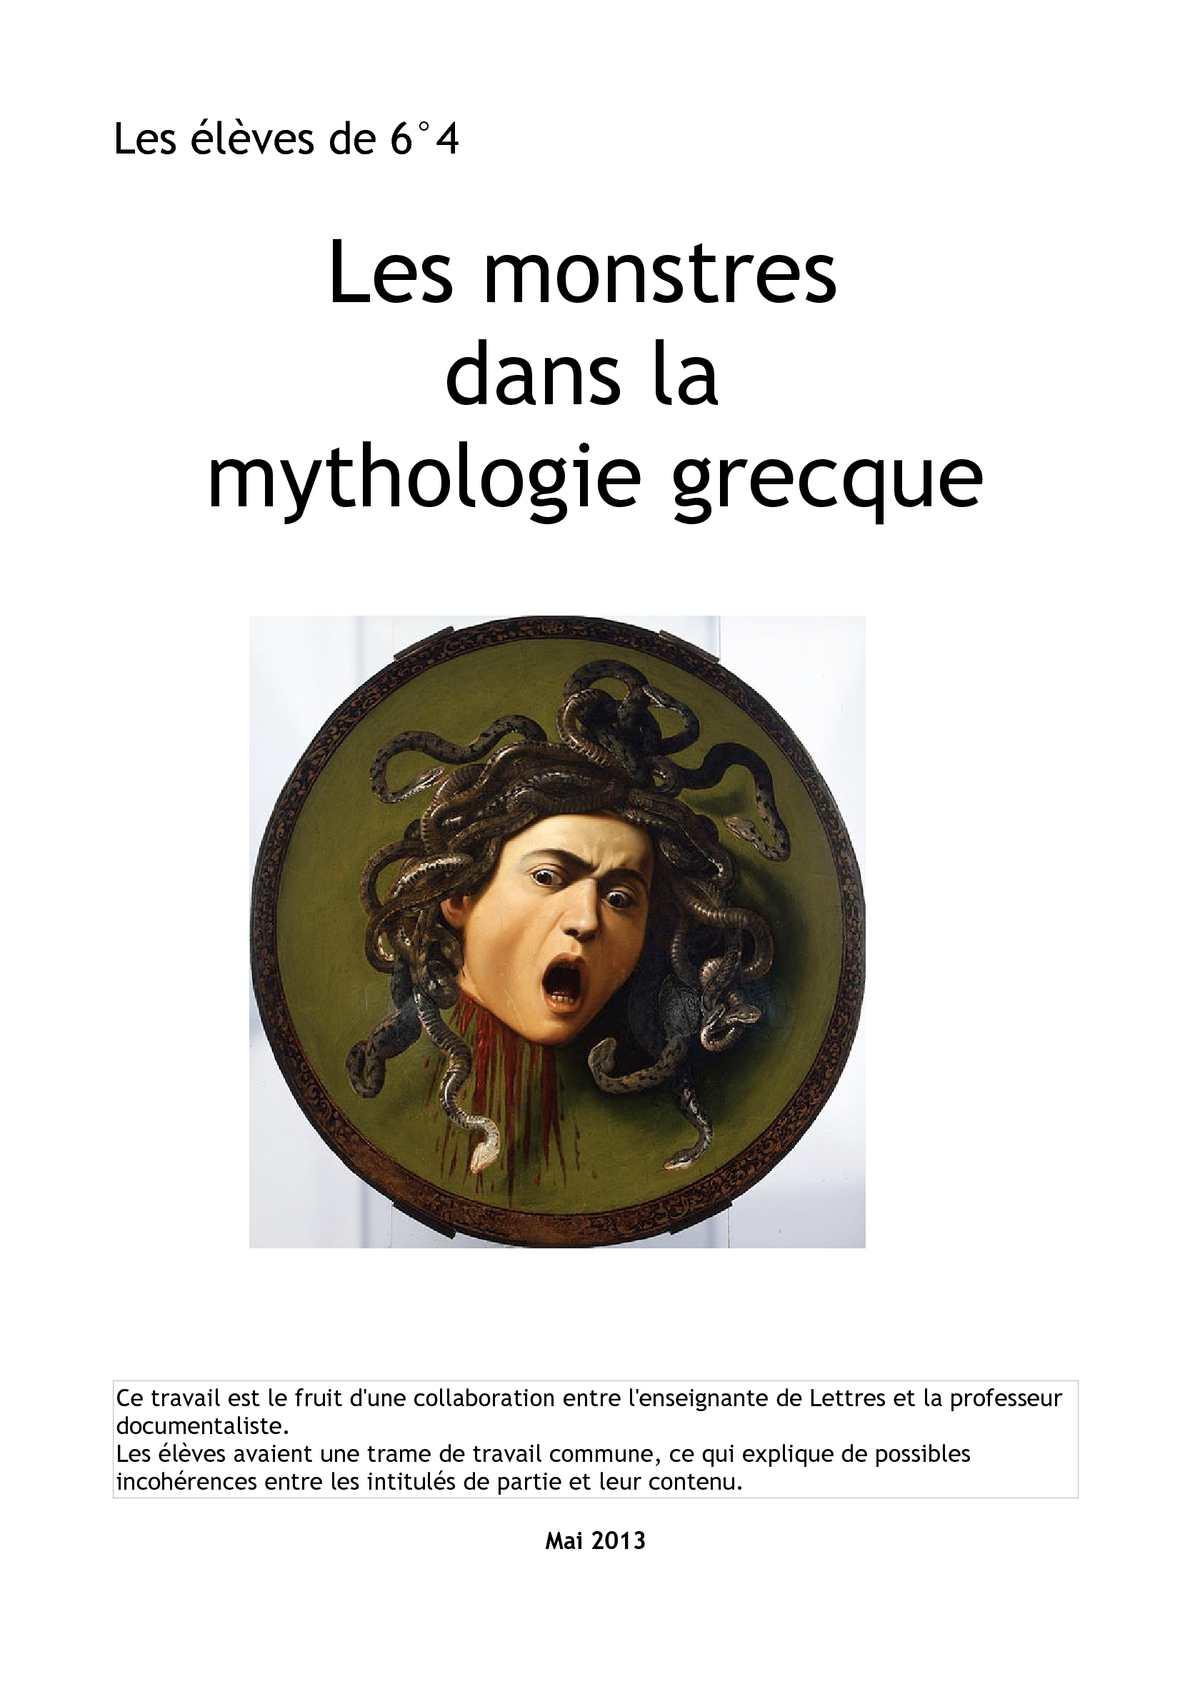 Legende Grecque En 8 Lettres : legende, grecque, lettres, Calaméo, Monstres, Mythologie, Grecque